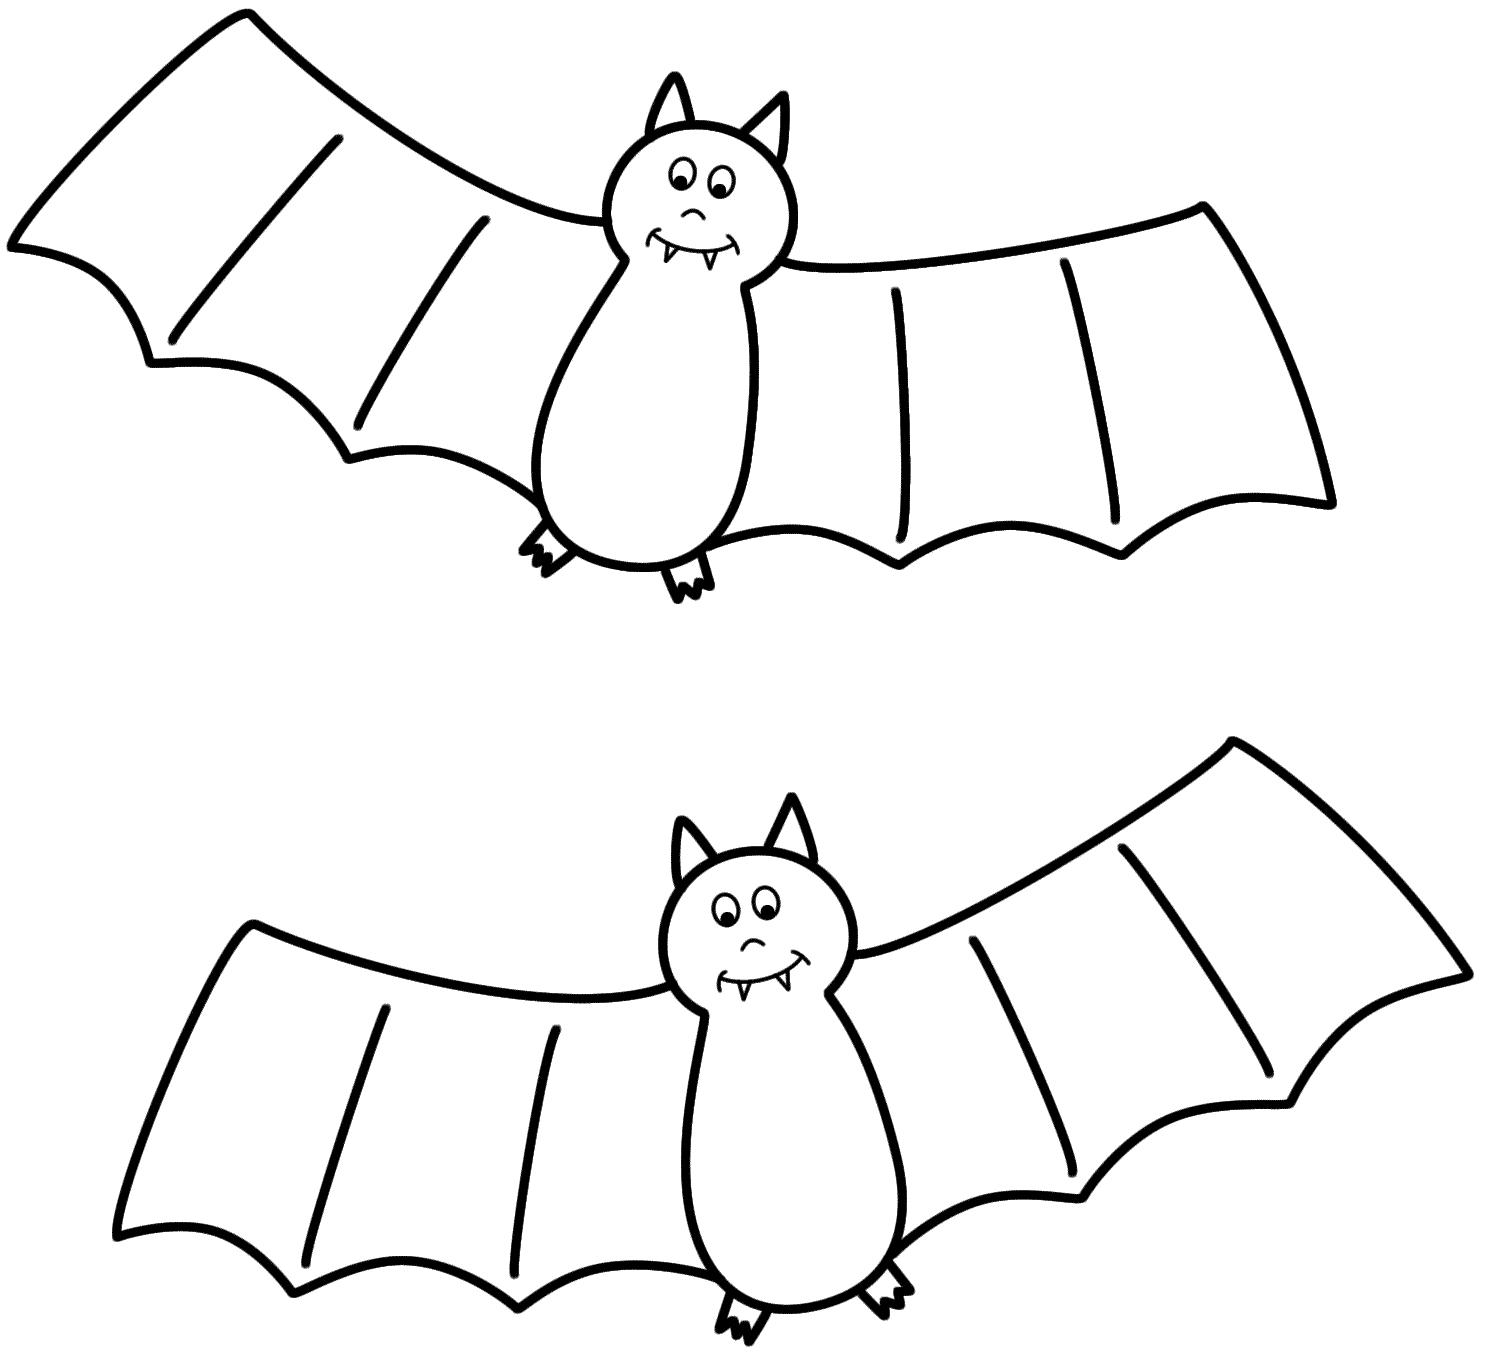 bat color page free printable bat coloring pages for kids bat color page